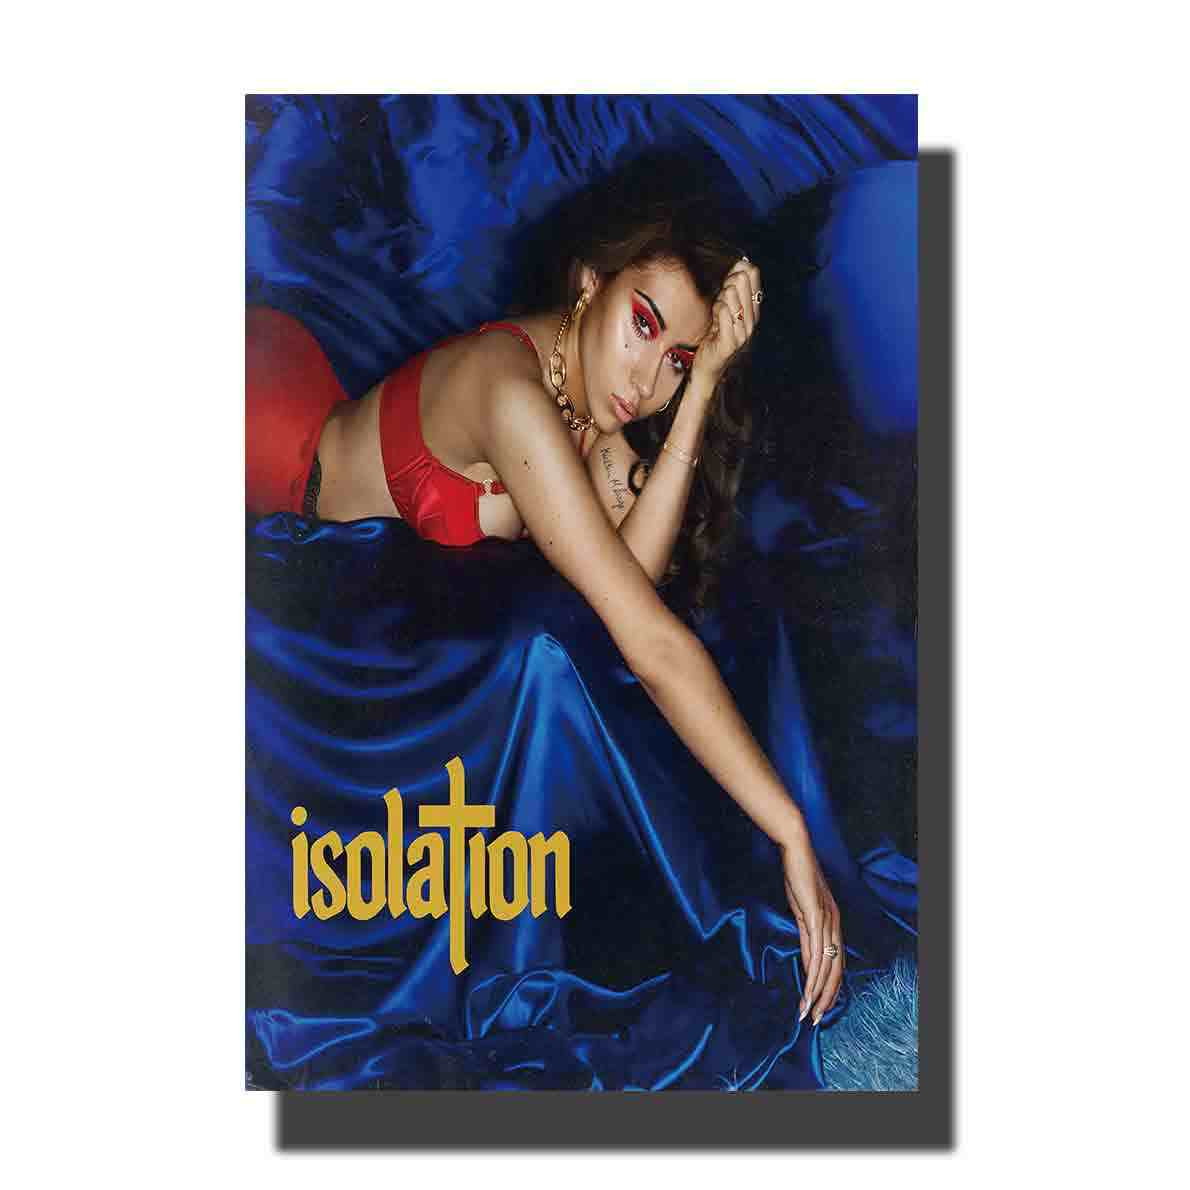 Poster Seni Dekorasi Sutra 24x36in Hadiah Ruang Tamu Gambar Isolasi dengan Kali Uchis 2018 Album Musik Decor Kanvas Kustom